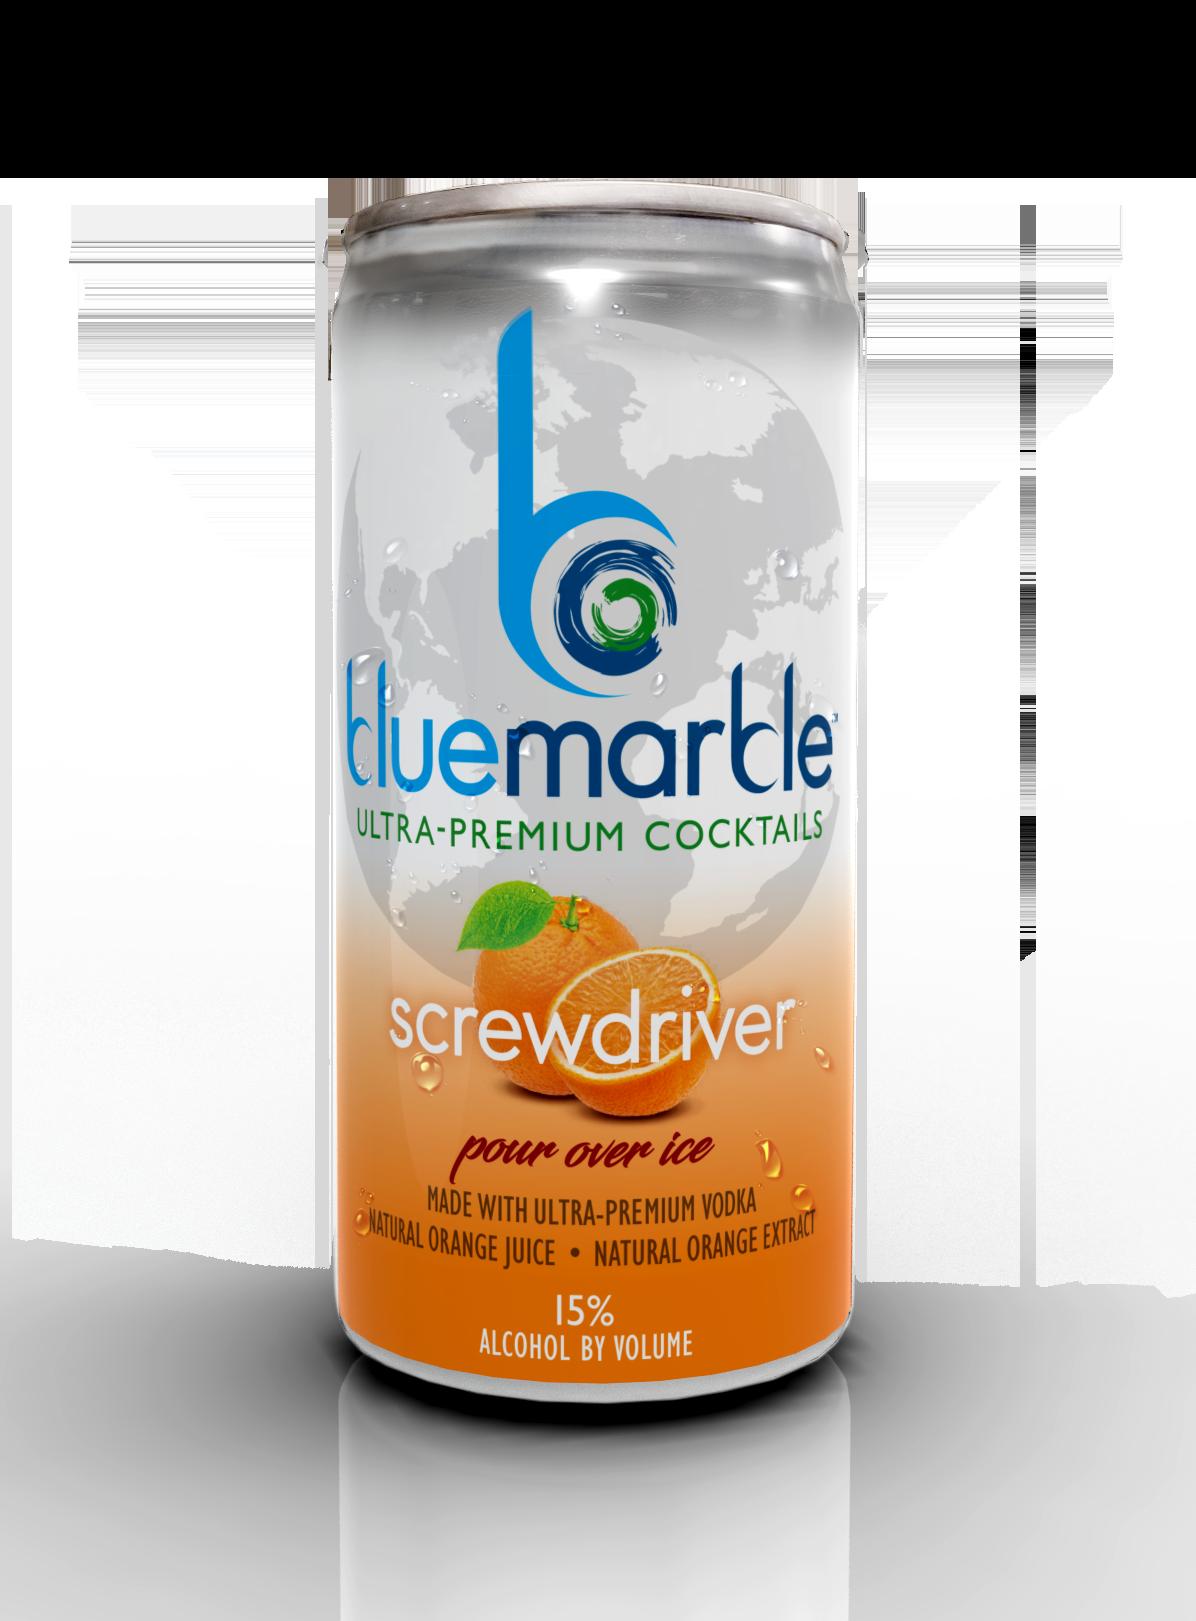 Screwdriver - Ultra-Premium Cocktails